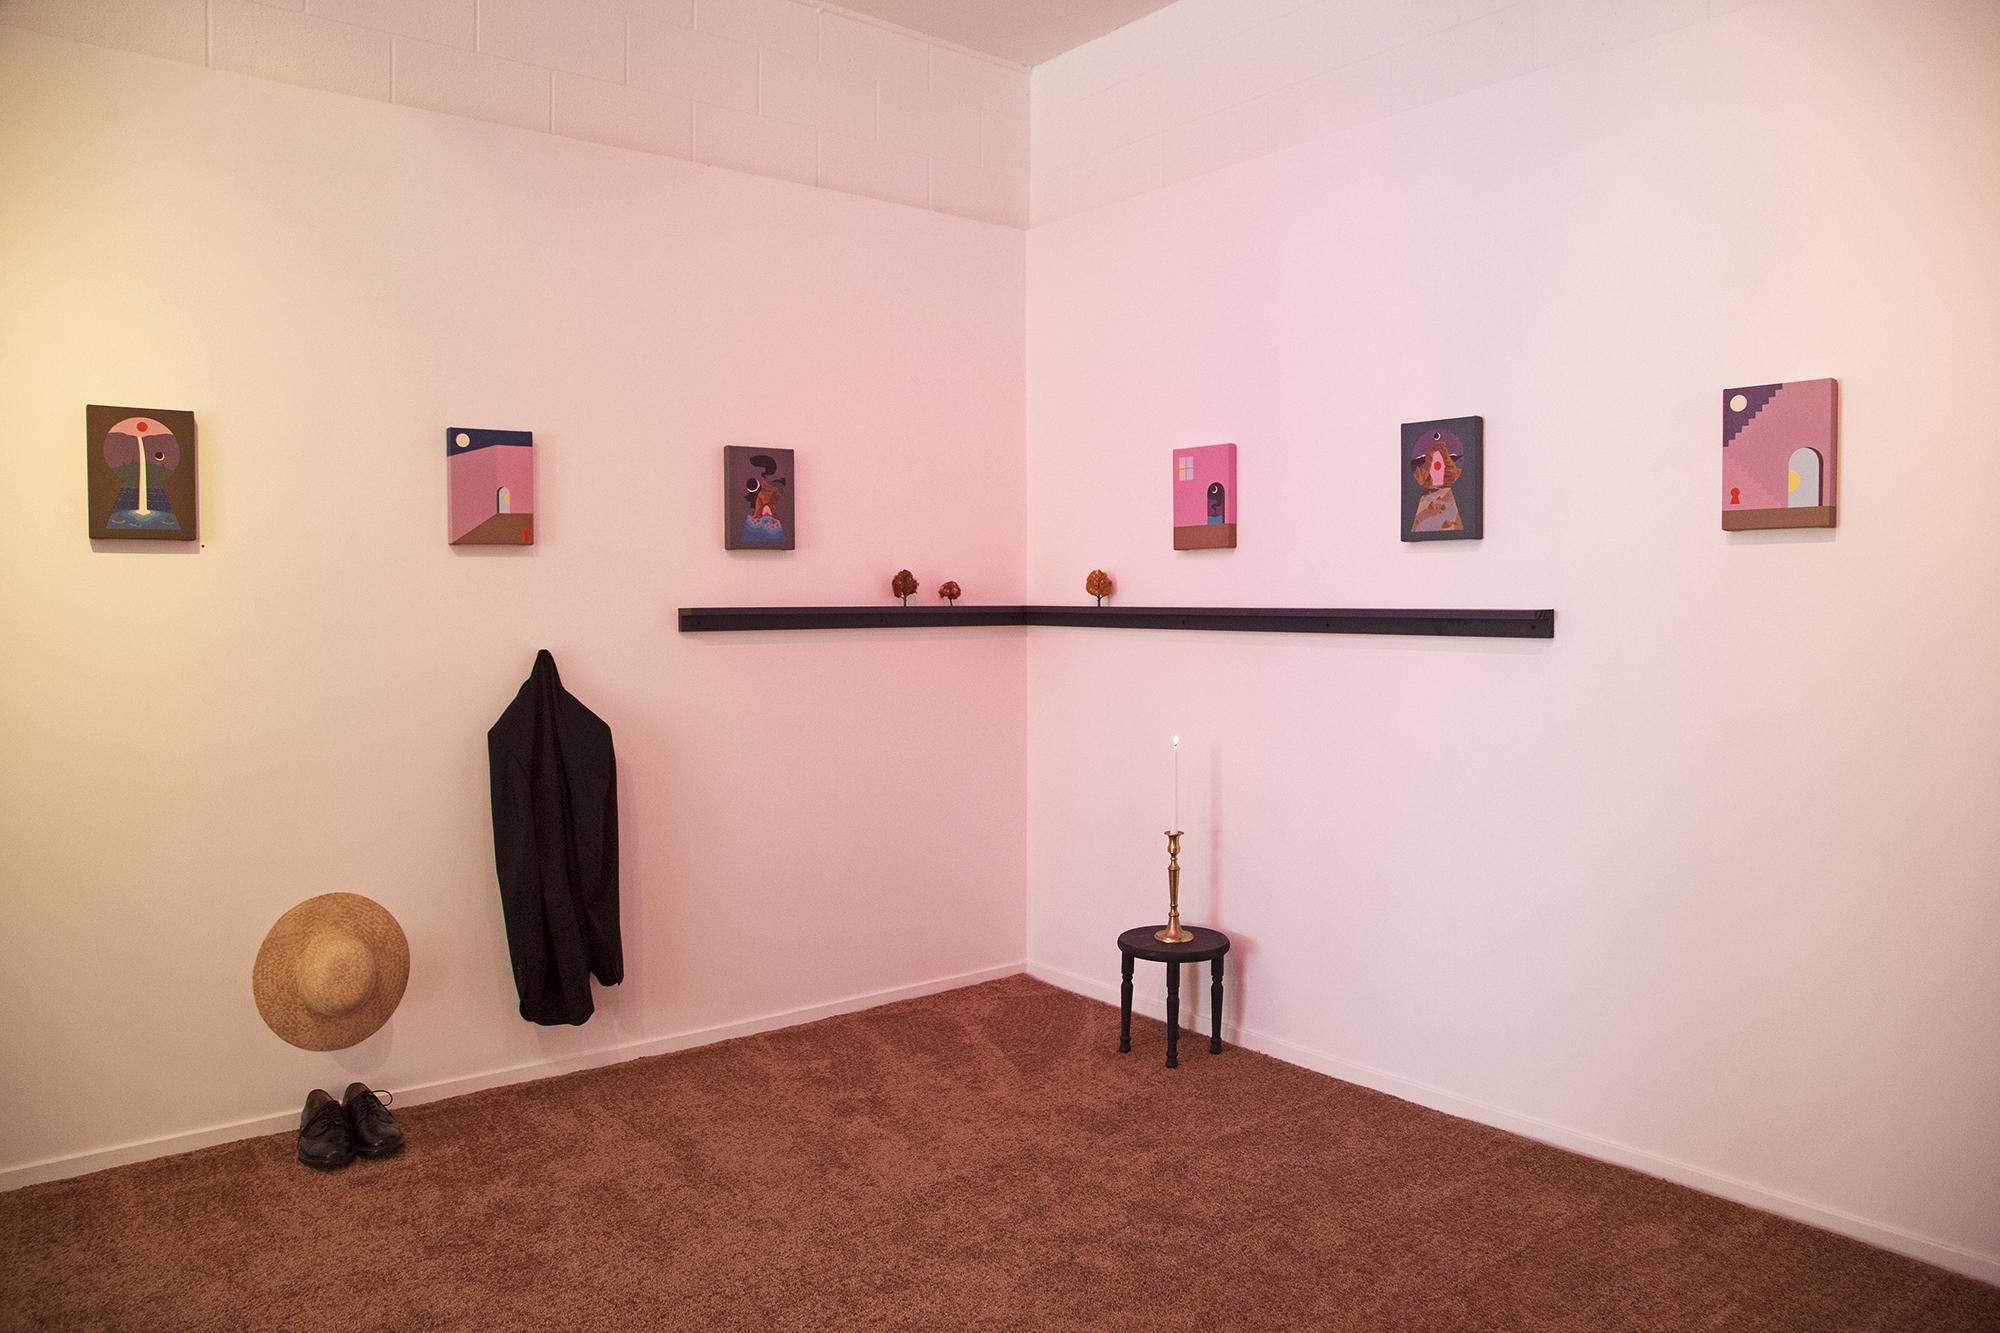 Greg Ito Art exhibition at Public Land in Sacramento, California